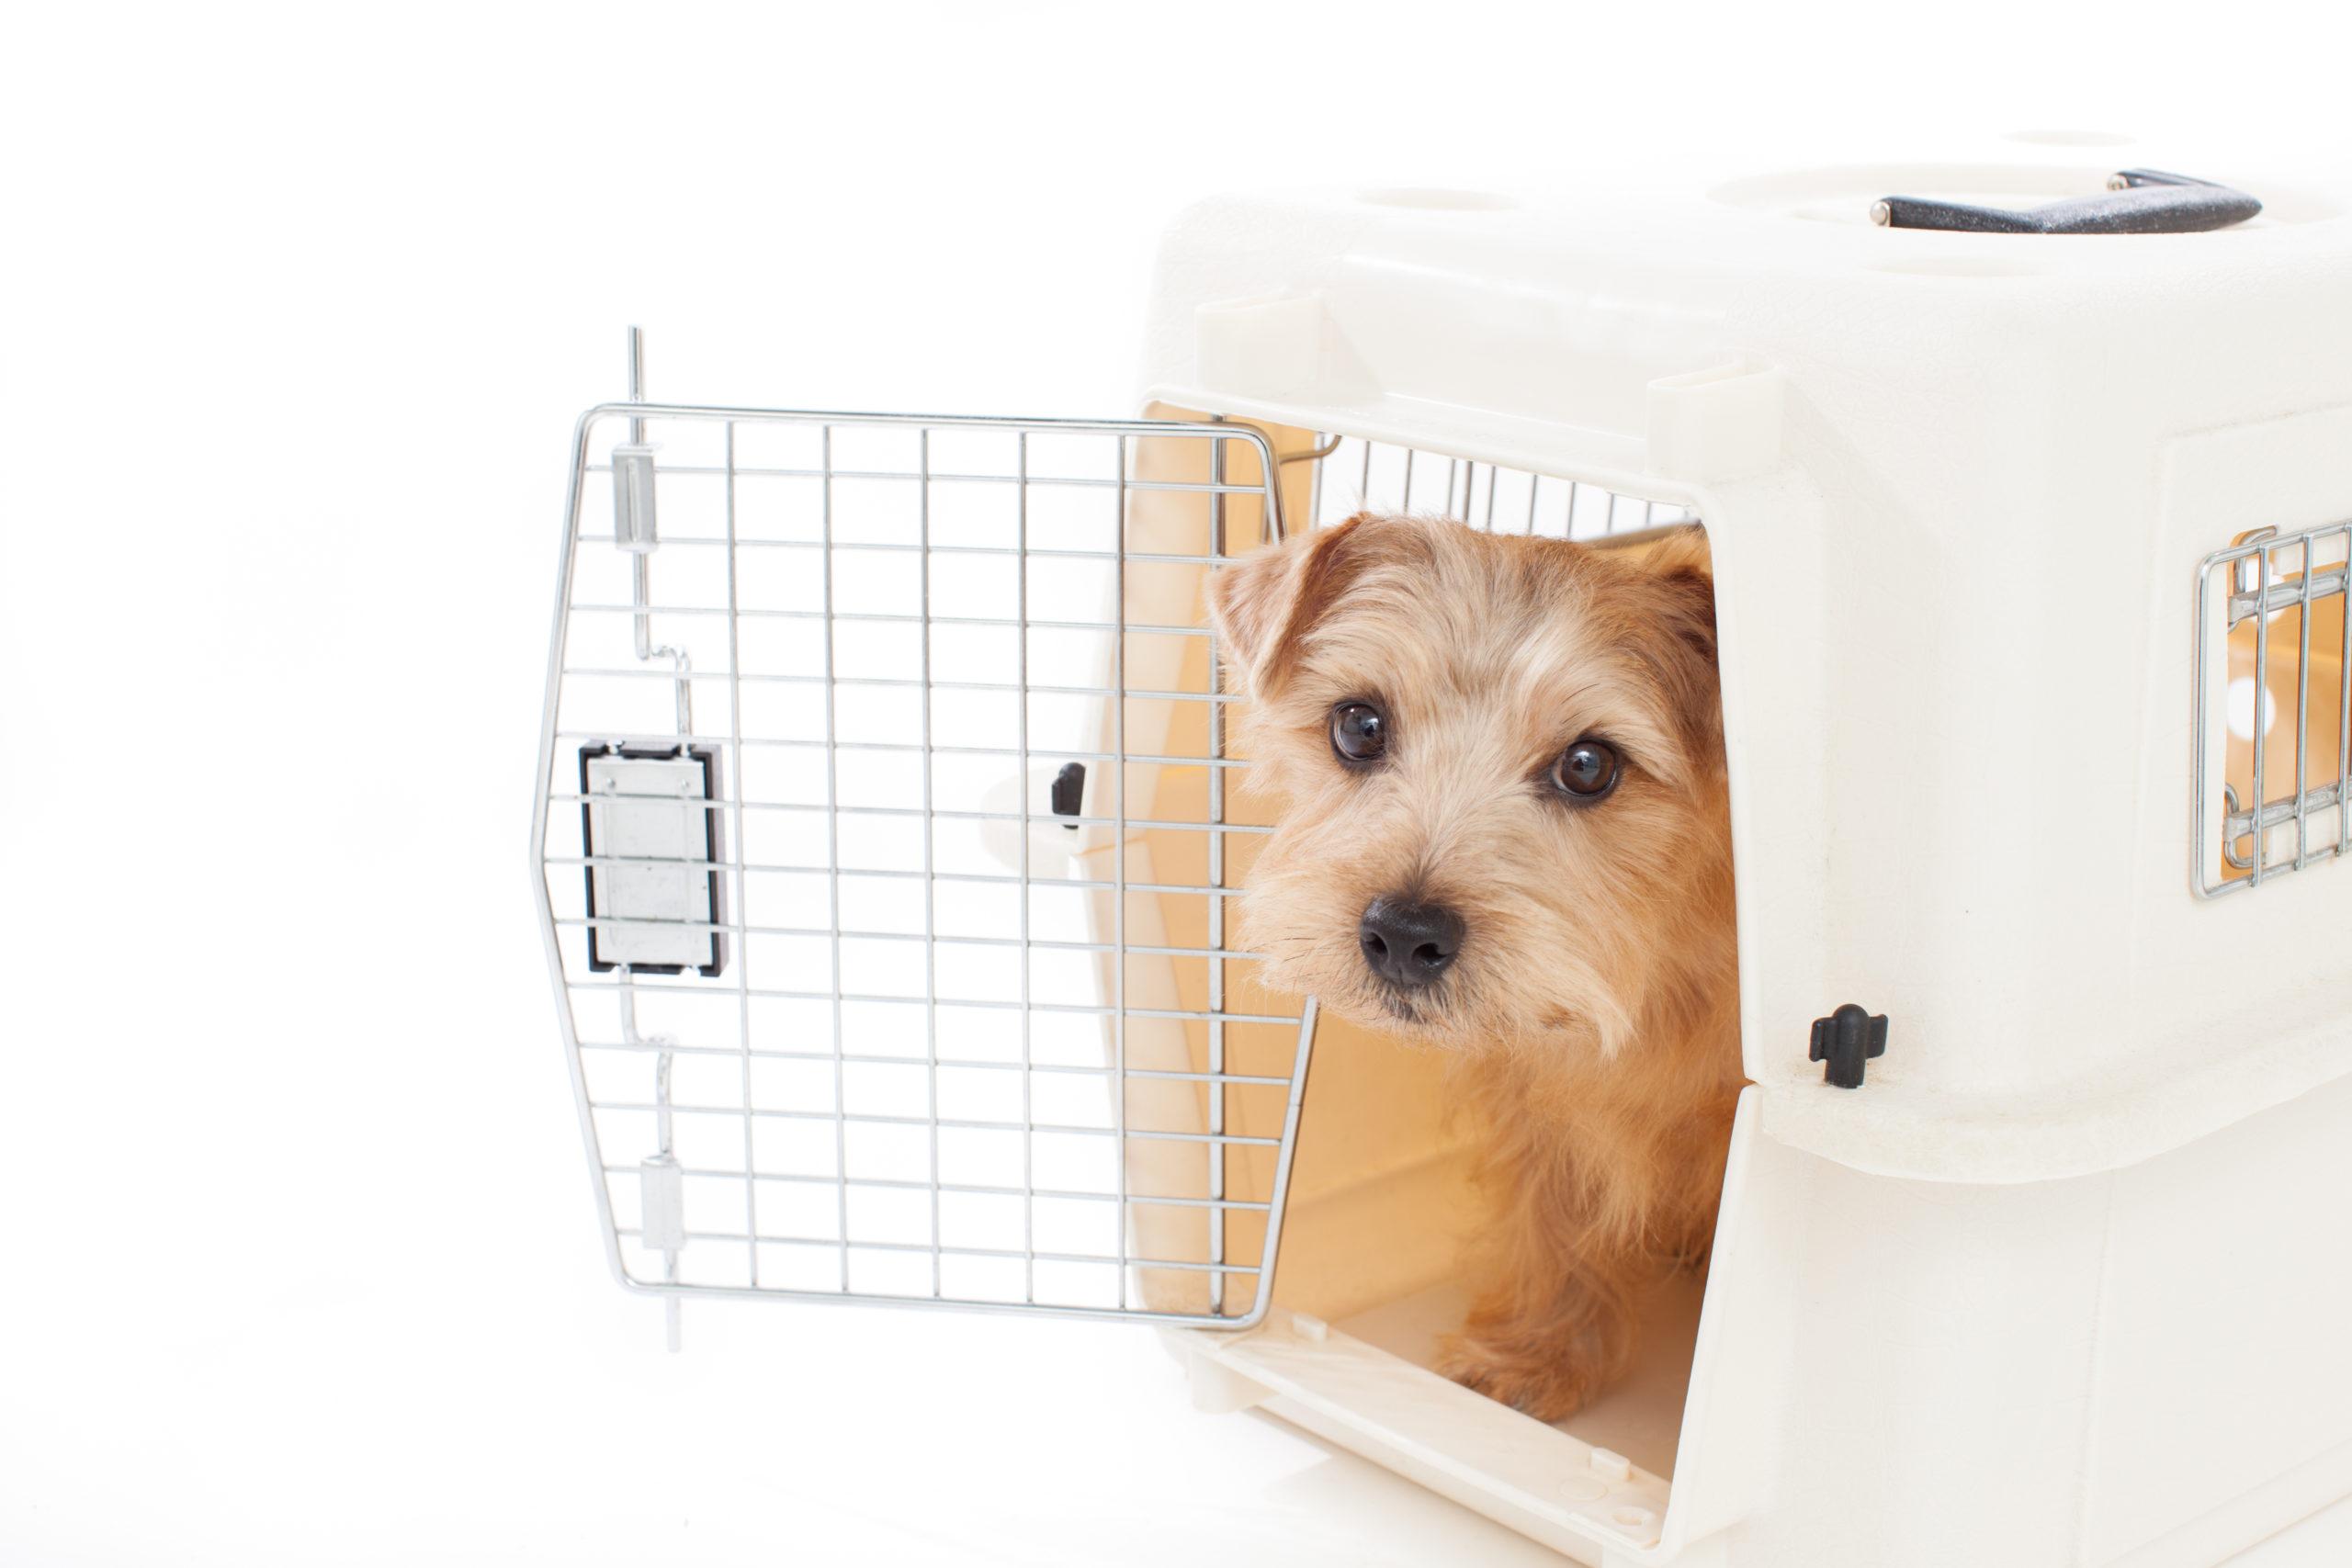 犬との同行避難を想定しての準備【物品編】TOP写真